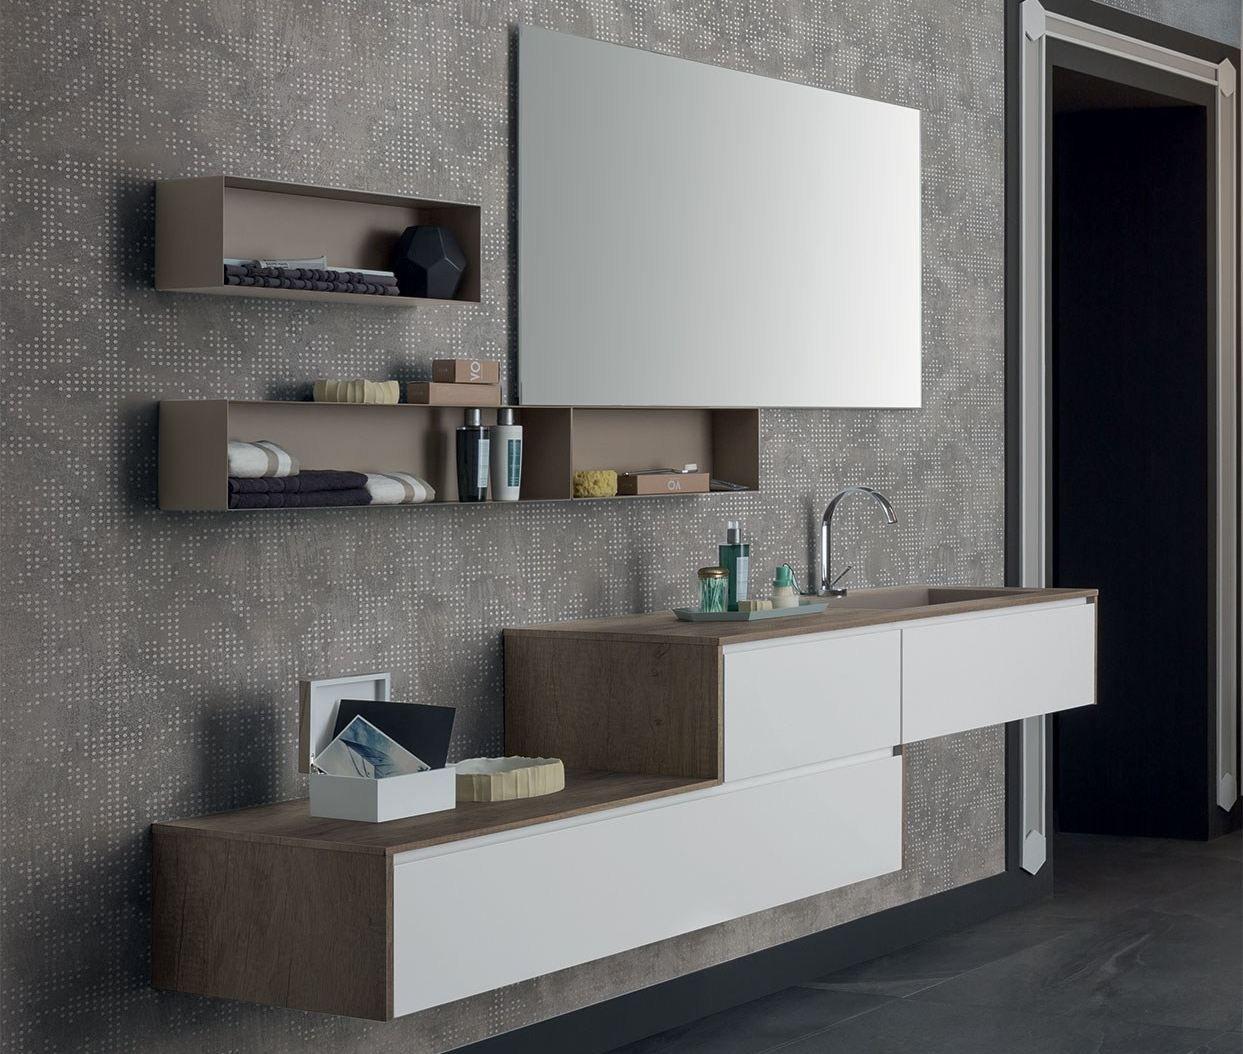 Mobile lavabo singolo sospeso con cassetti 86 3 0 by rab arredobagno design ufficio tecnico - Santarossa mobili prezzi ...